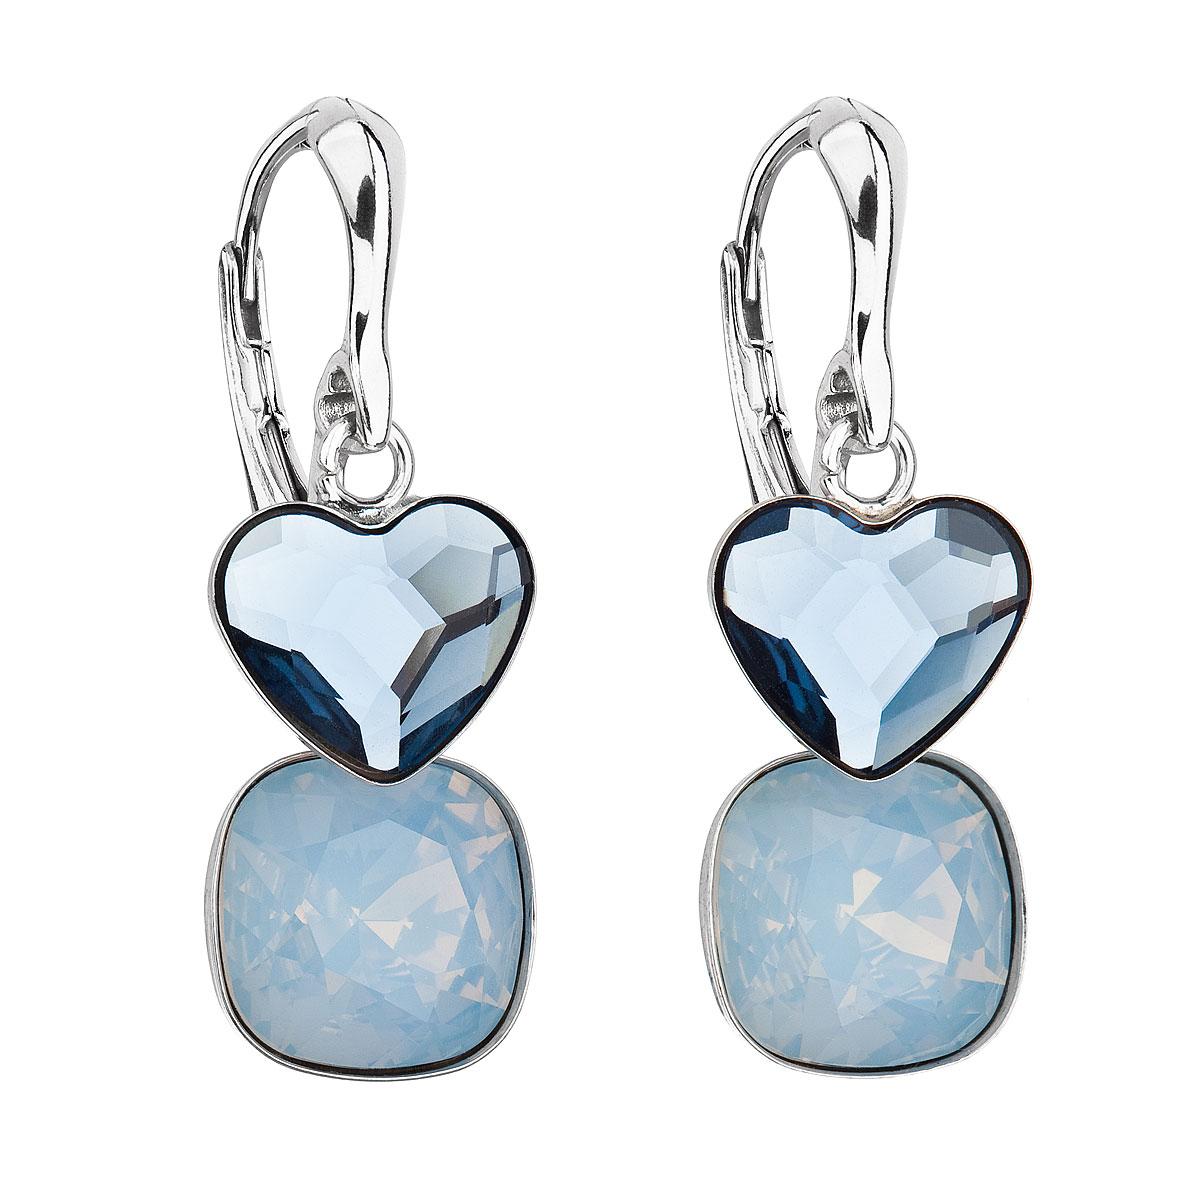 Evolution Group Stříbrné náušnice visací s krystaly Swarovski modré srdce 31234.3